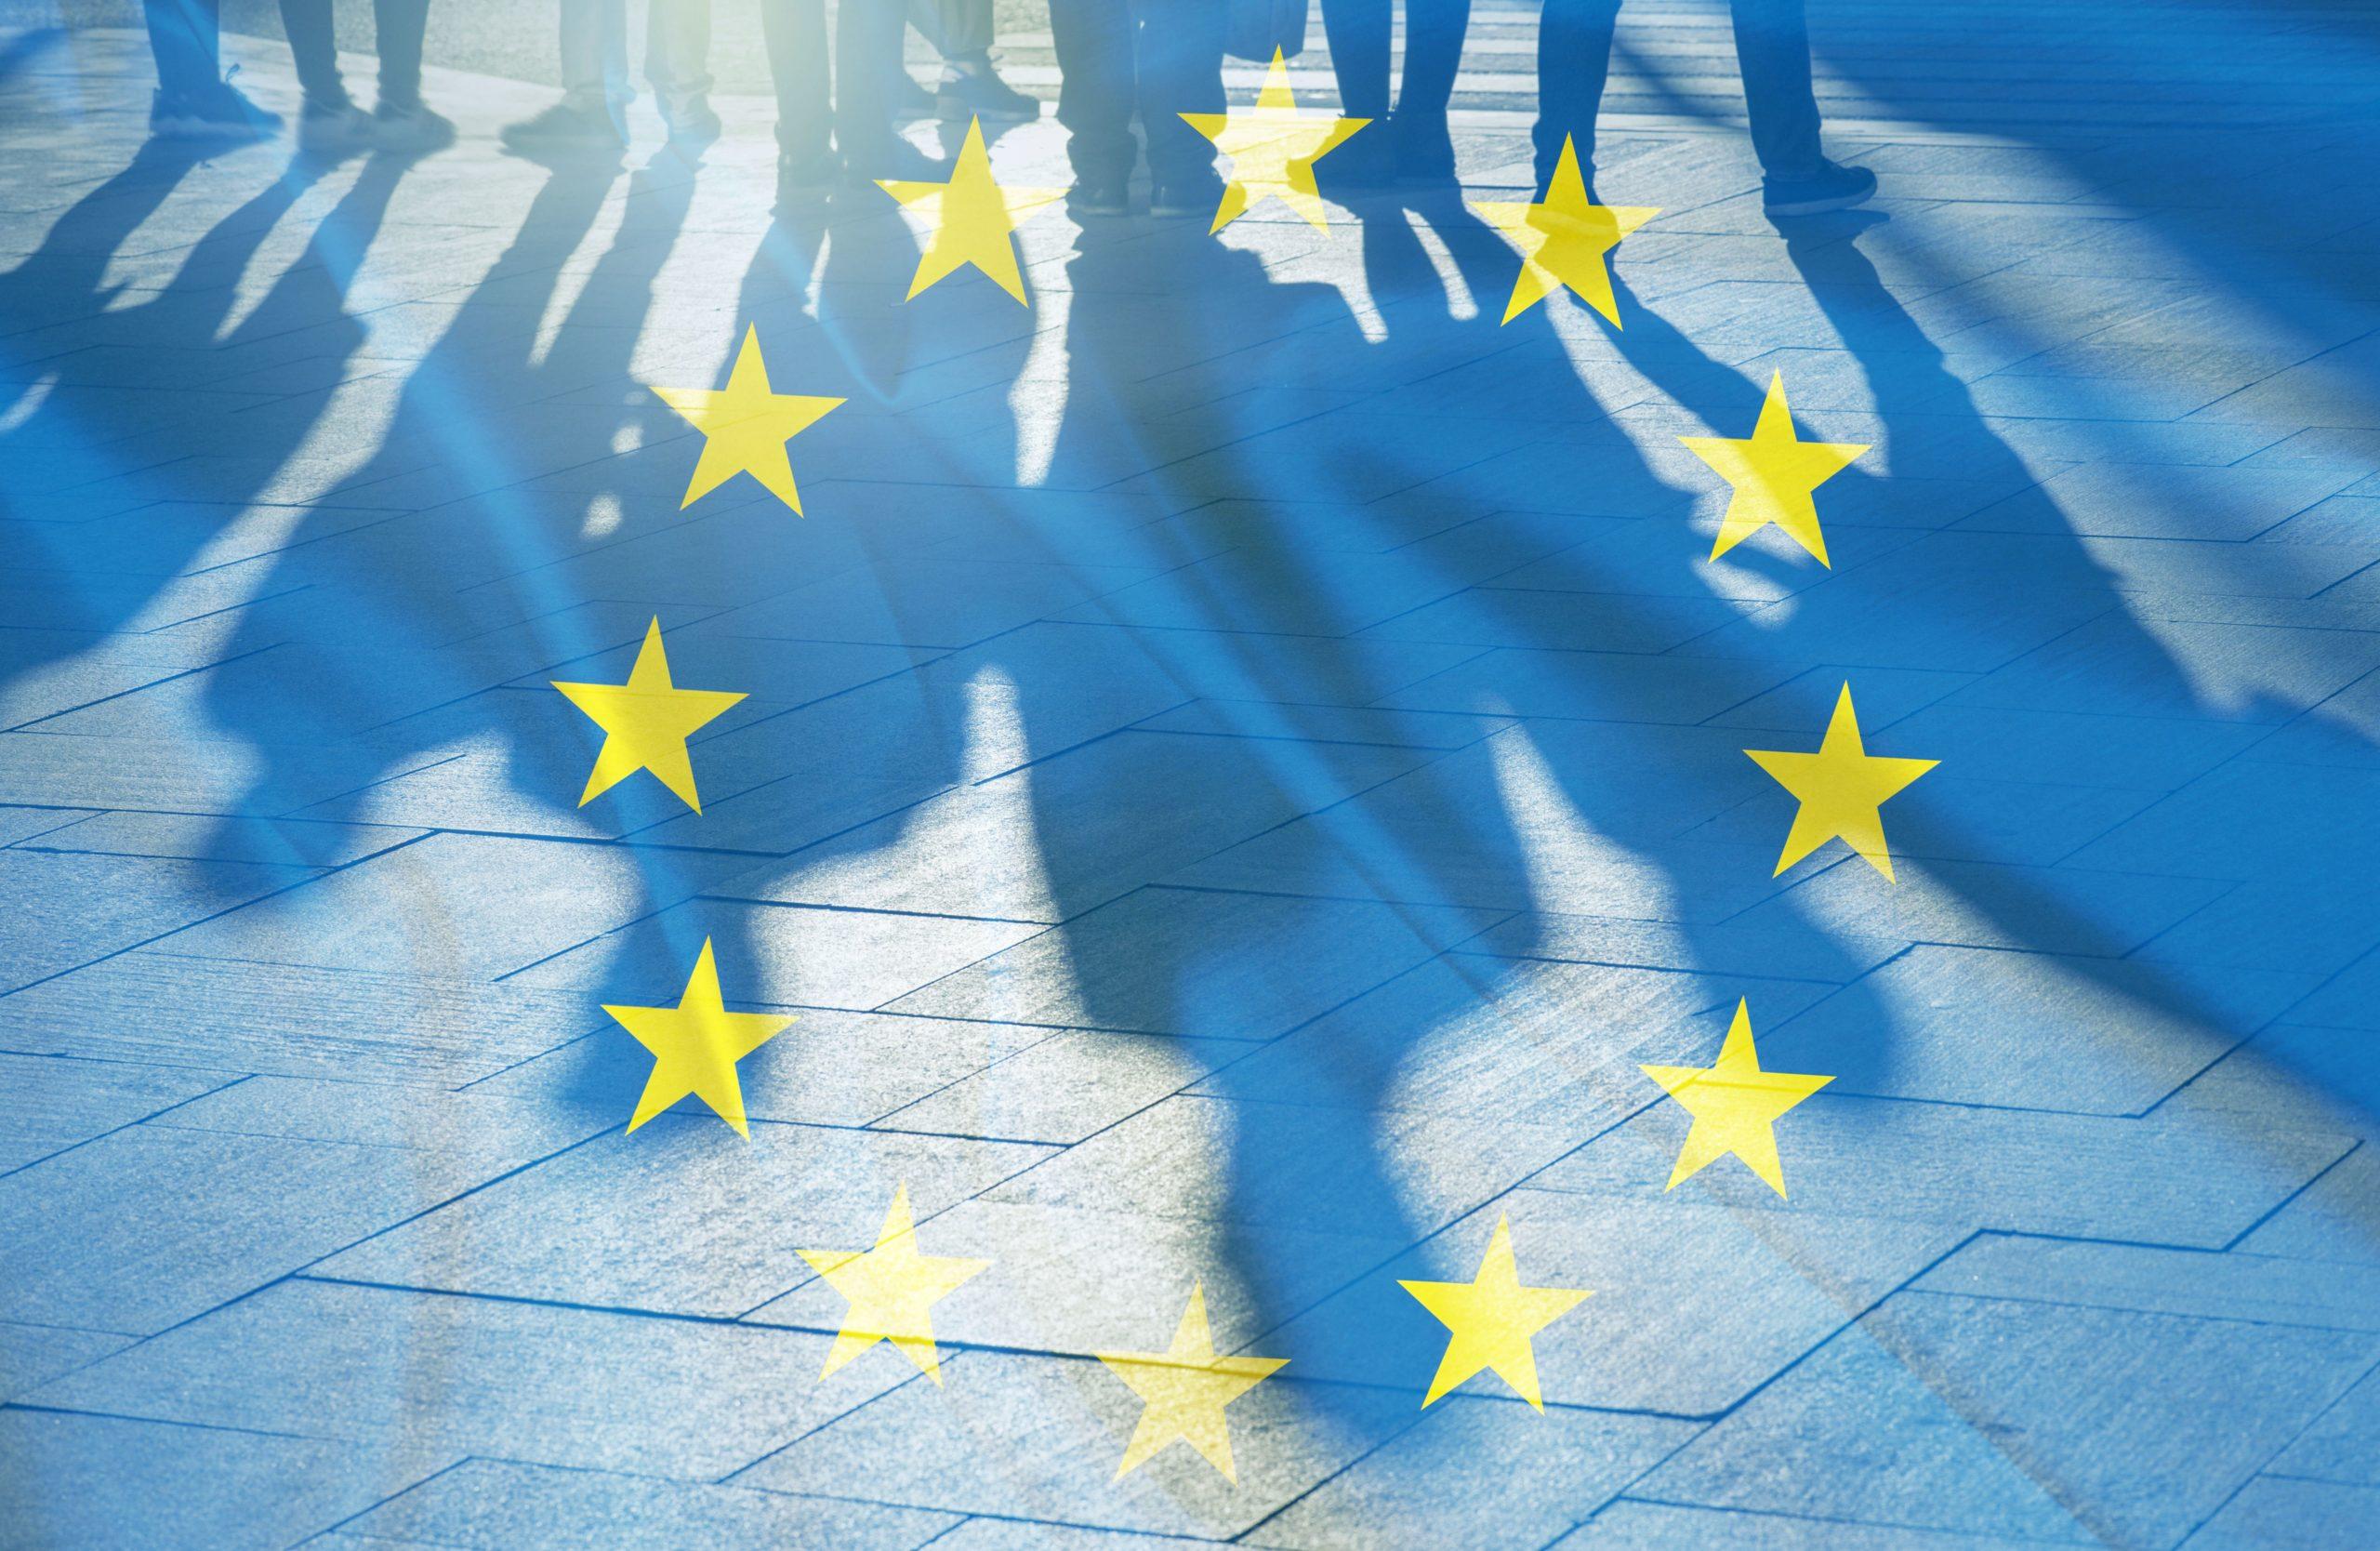 Drapeau européen avec ombre de personnes